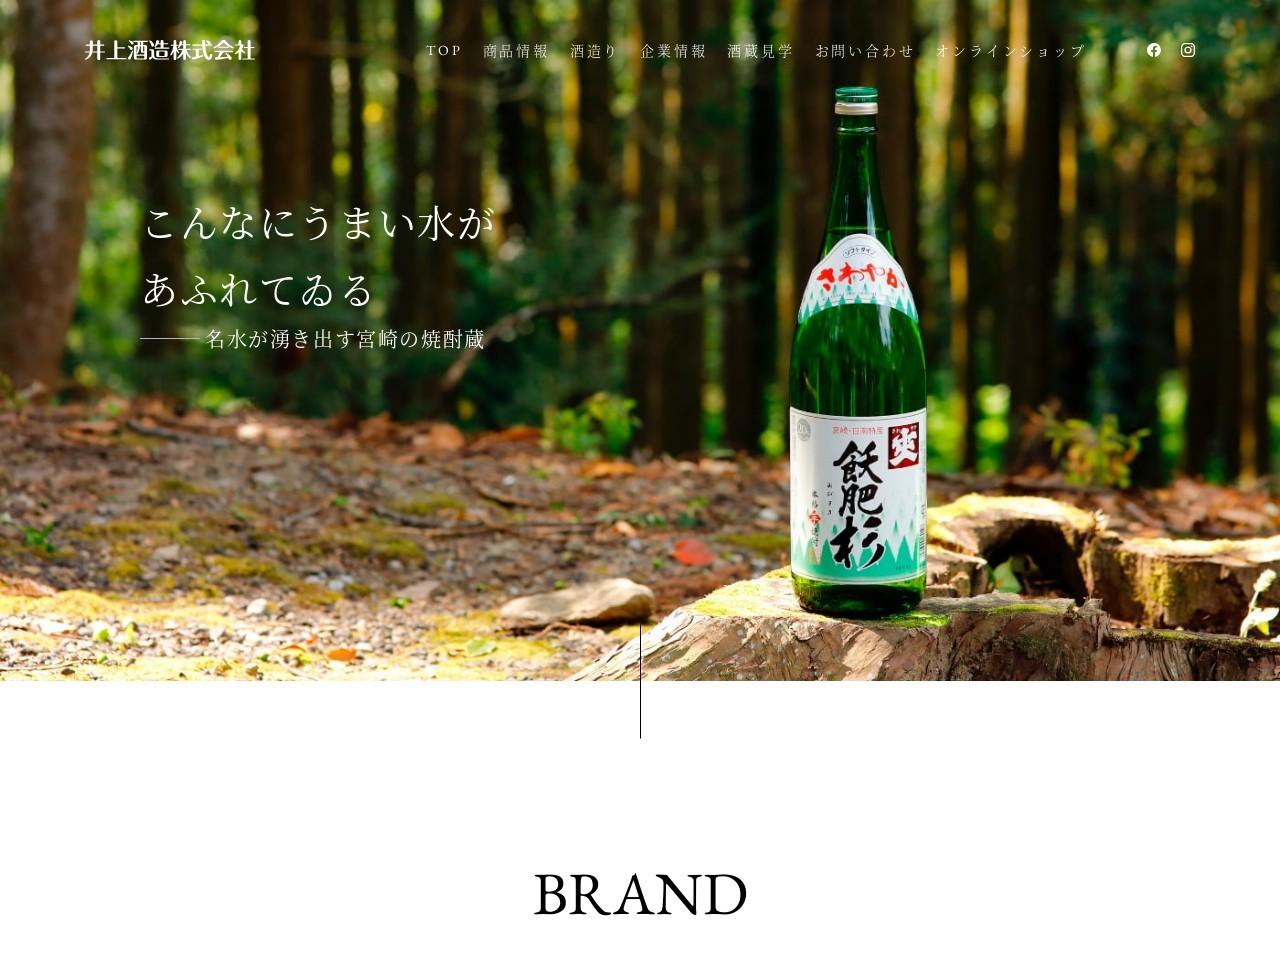 井上酒造株式会社/櫻の郷酒造株式会社「焼酎 飫肥杉、無月の蔵元」